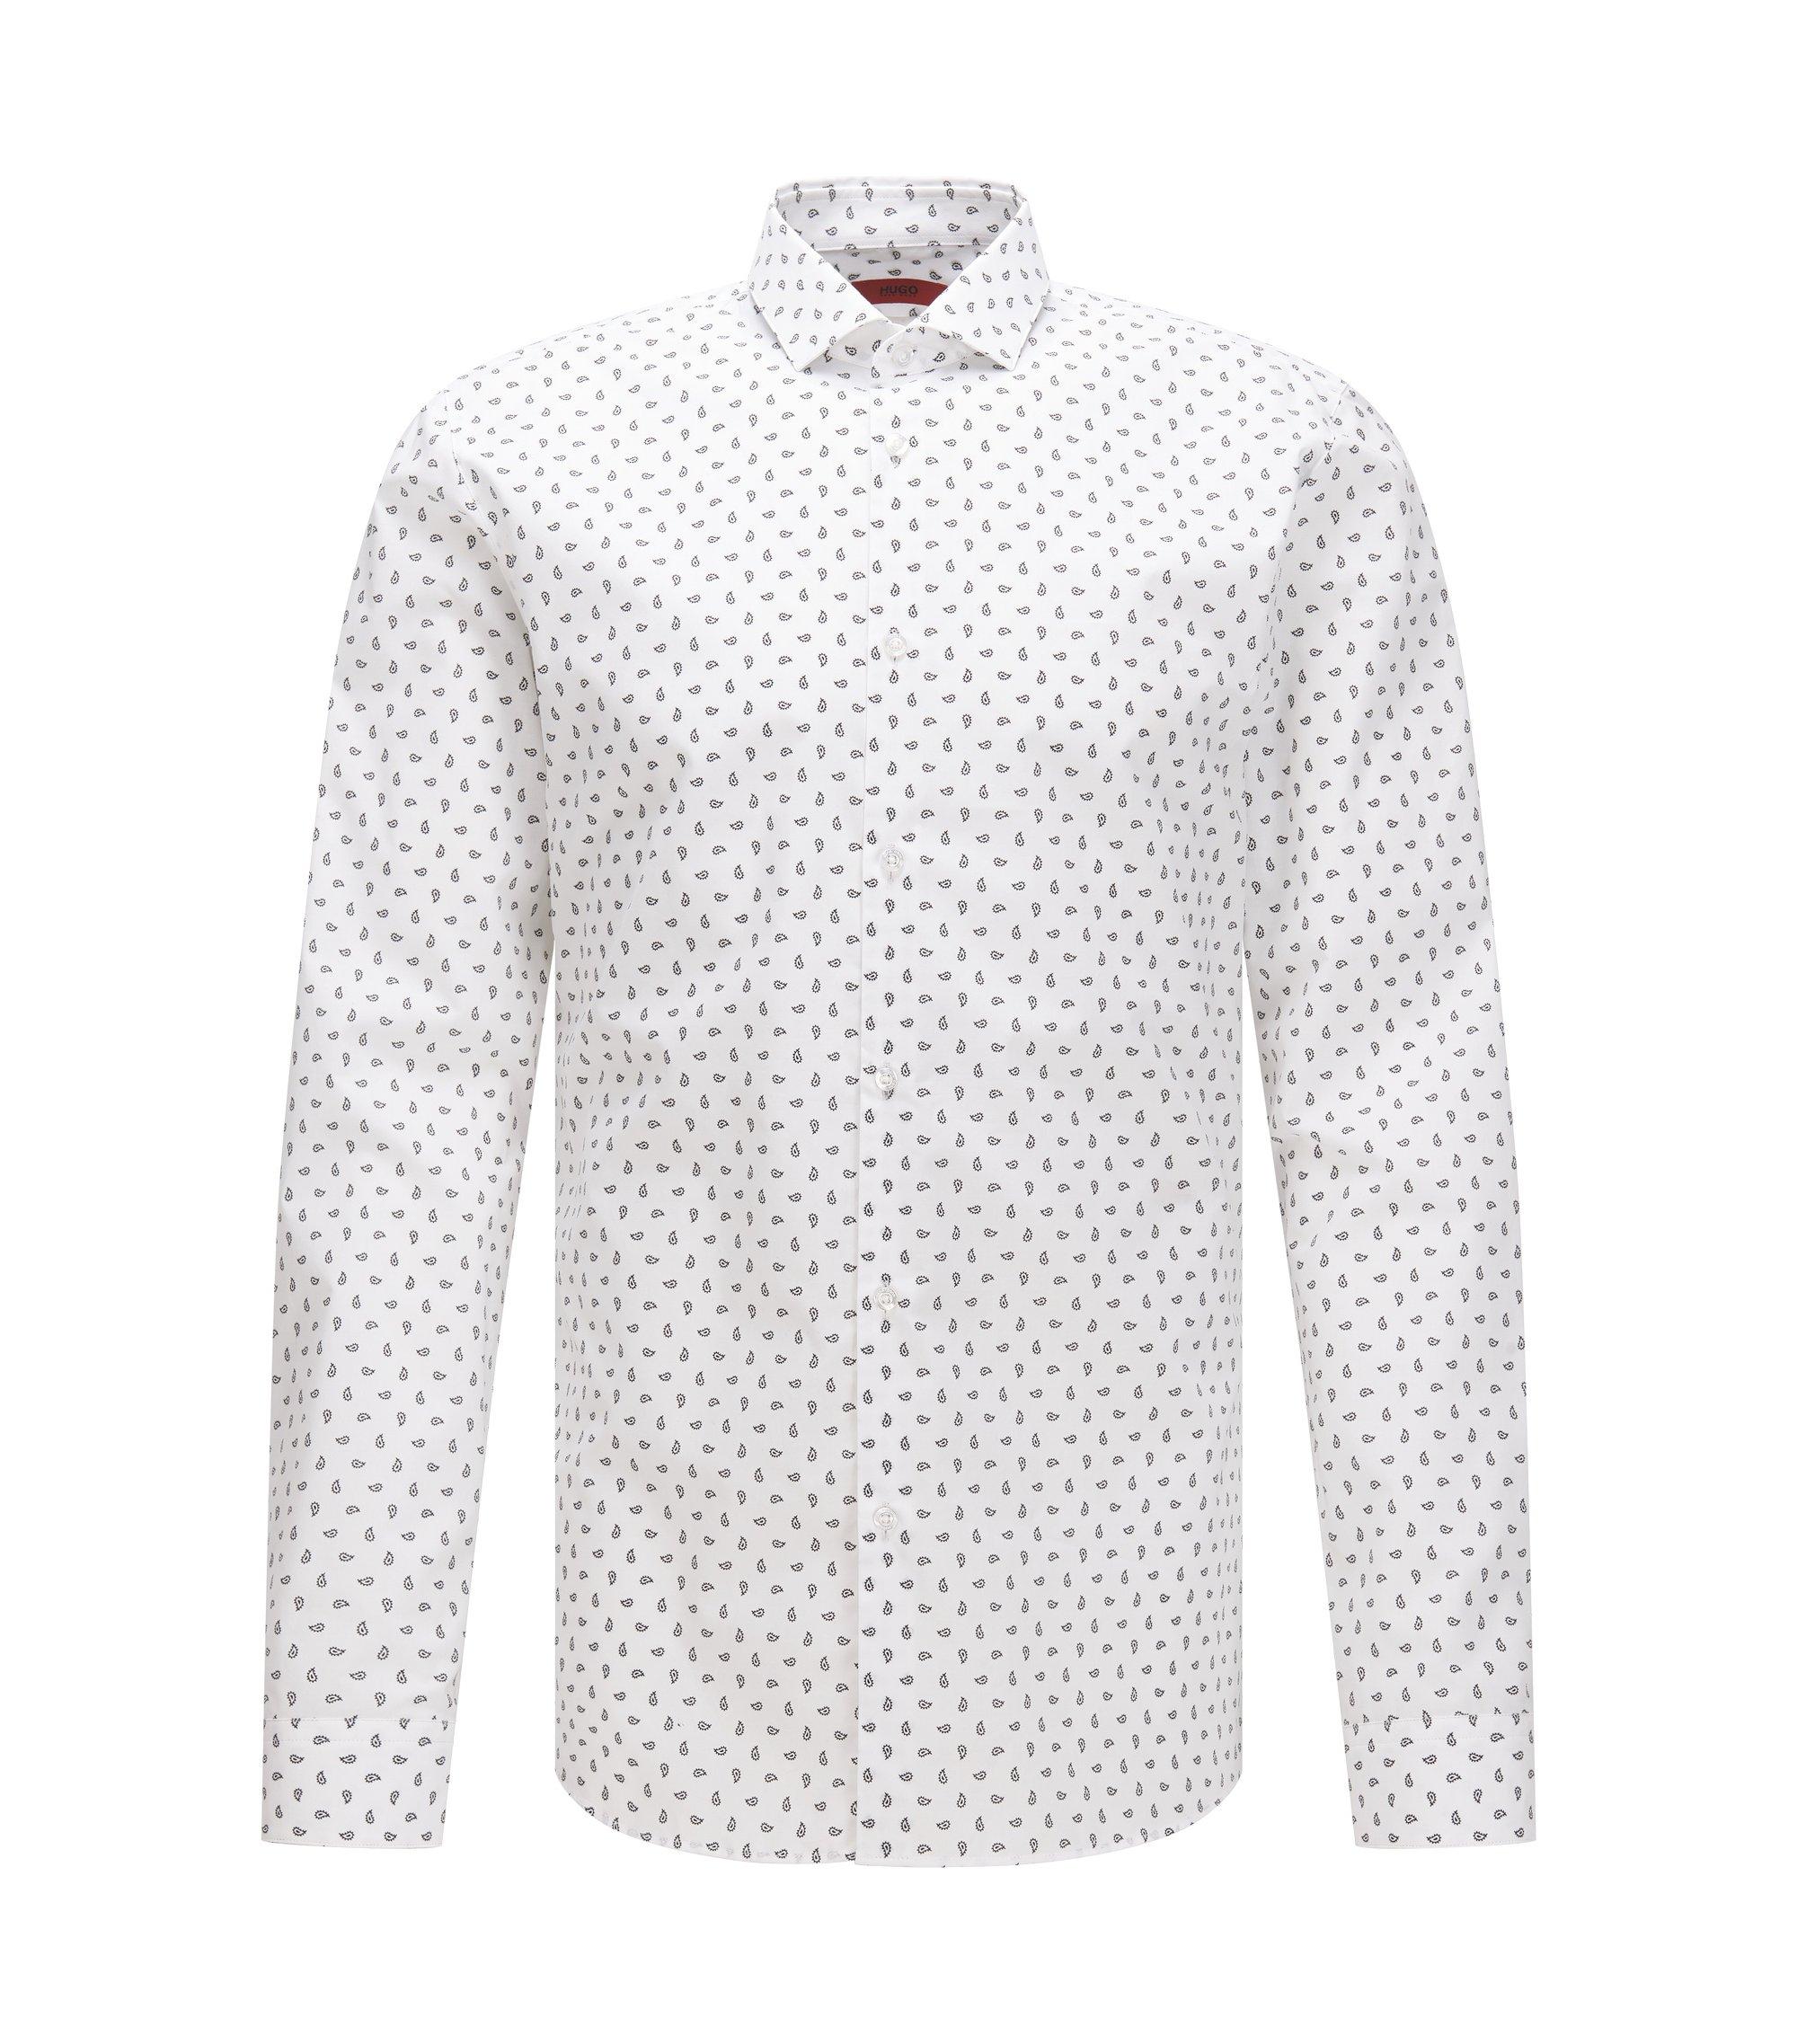 Chemise Slim Fit en coton à imprimé cachemire, Blanc